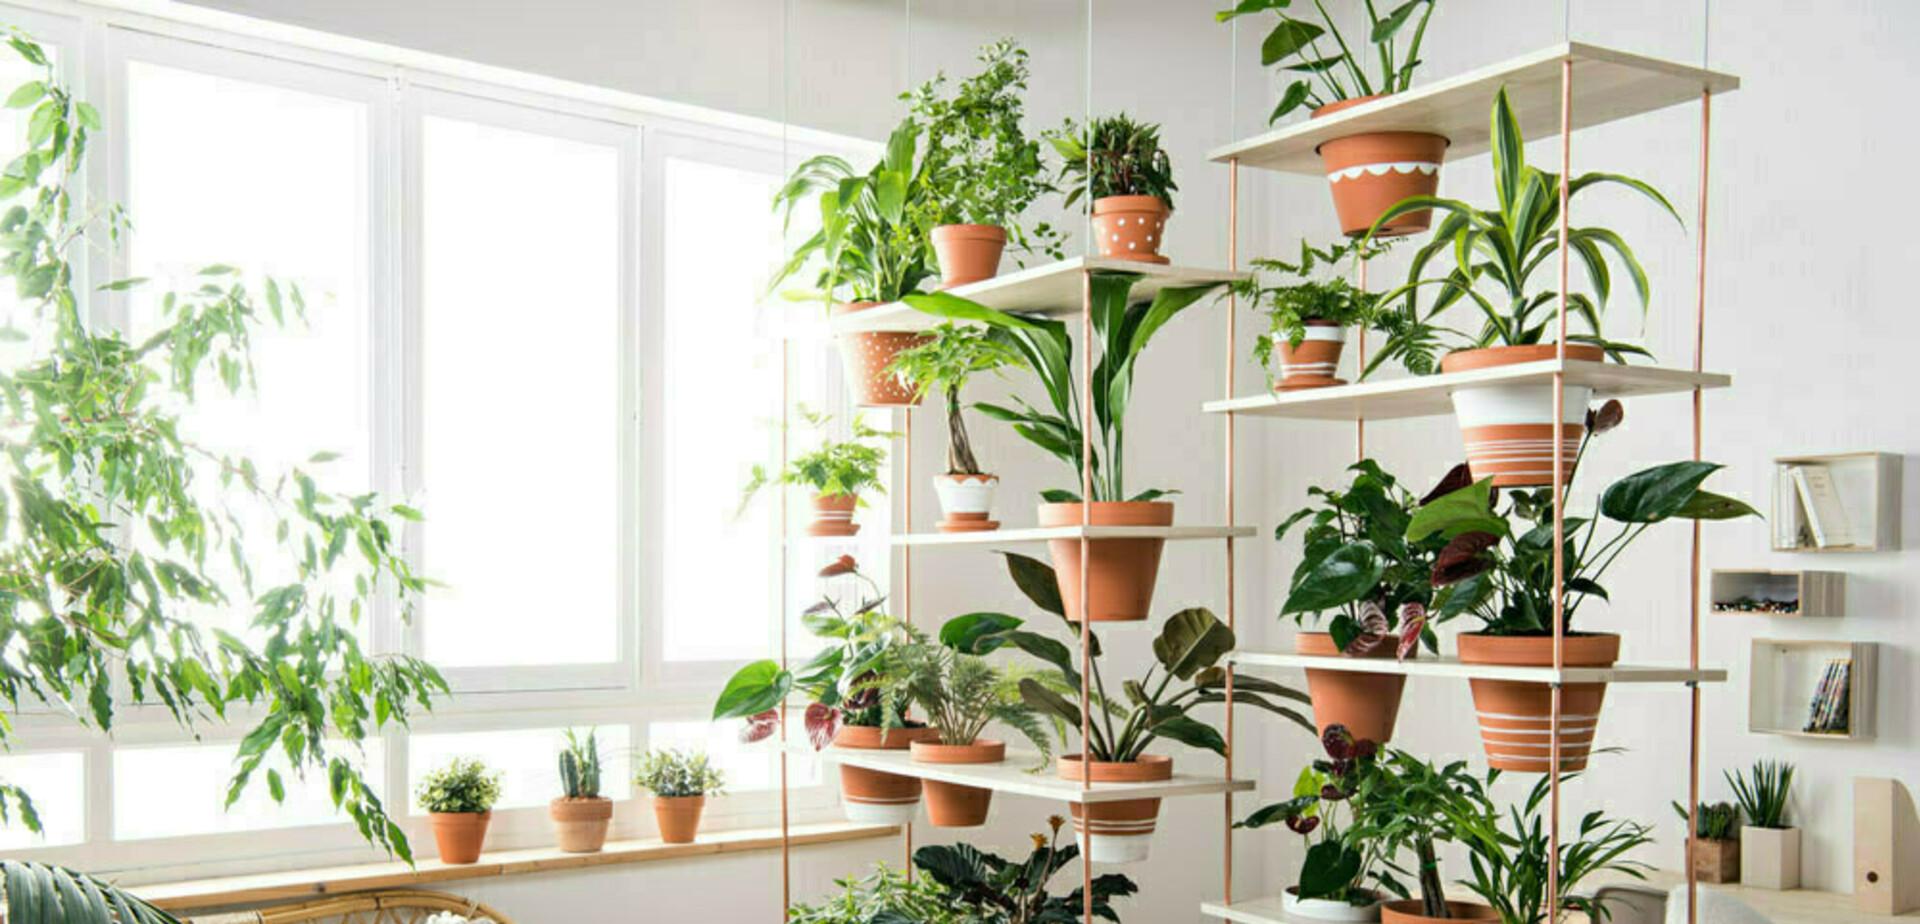 Plante Sur Les Murs mur végétal - pour les makers